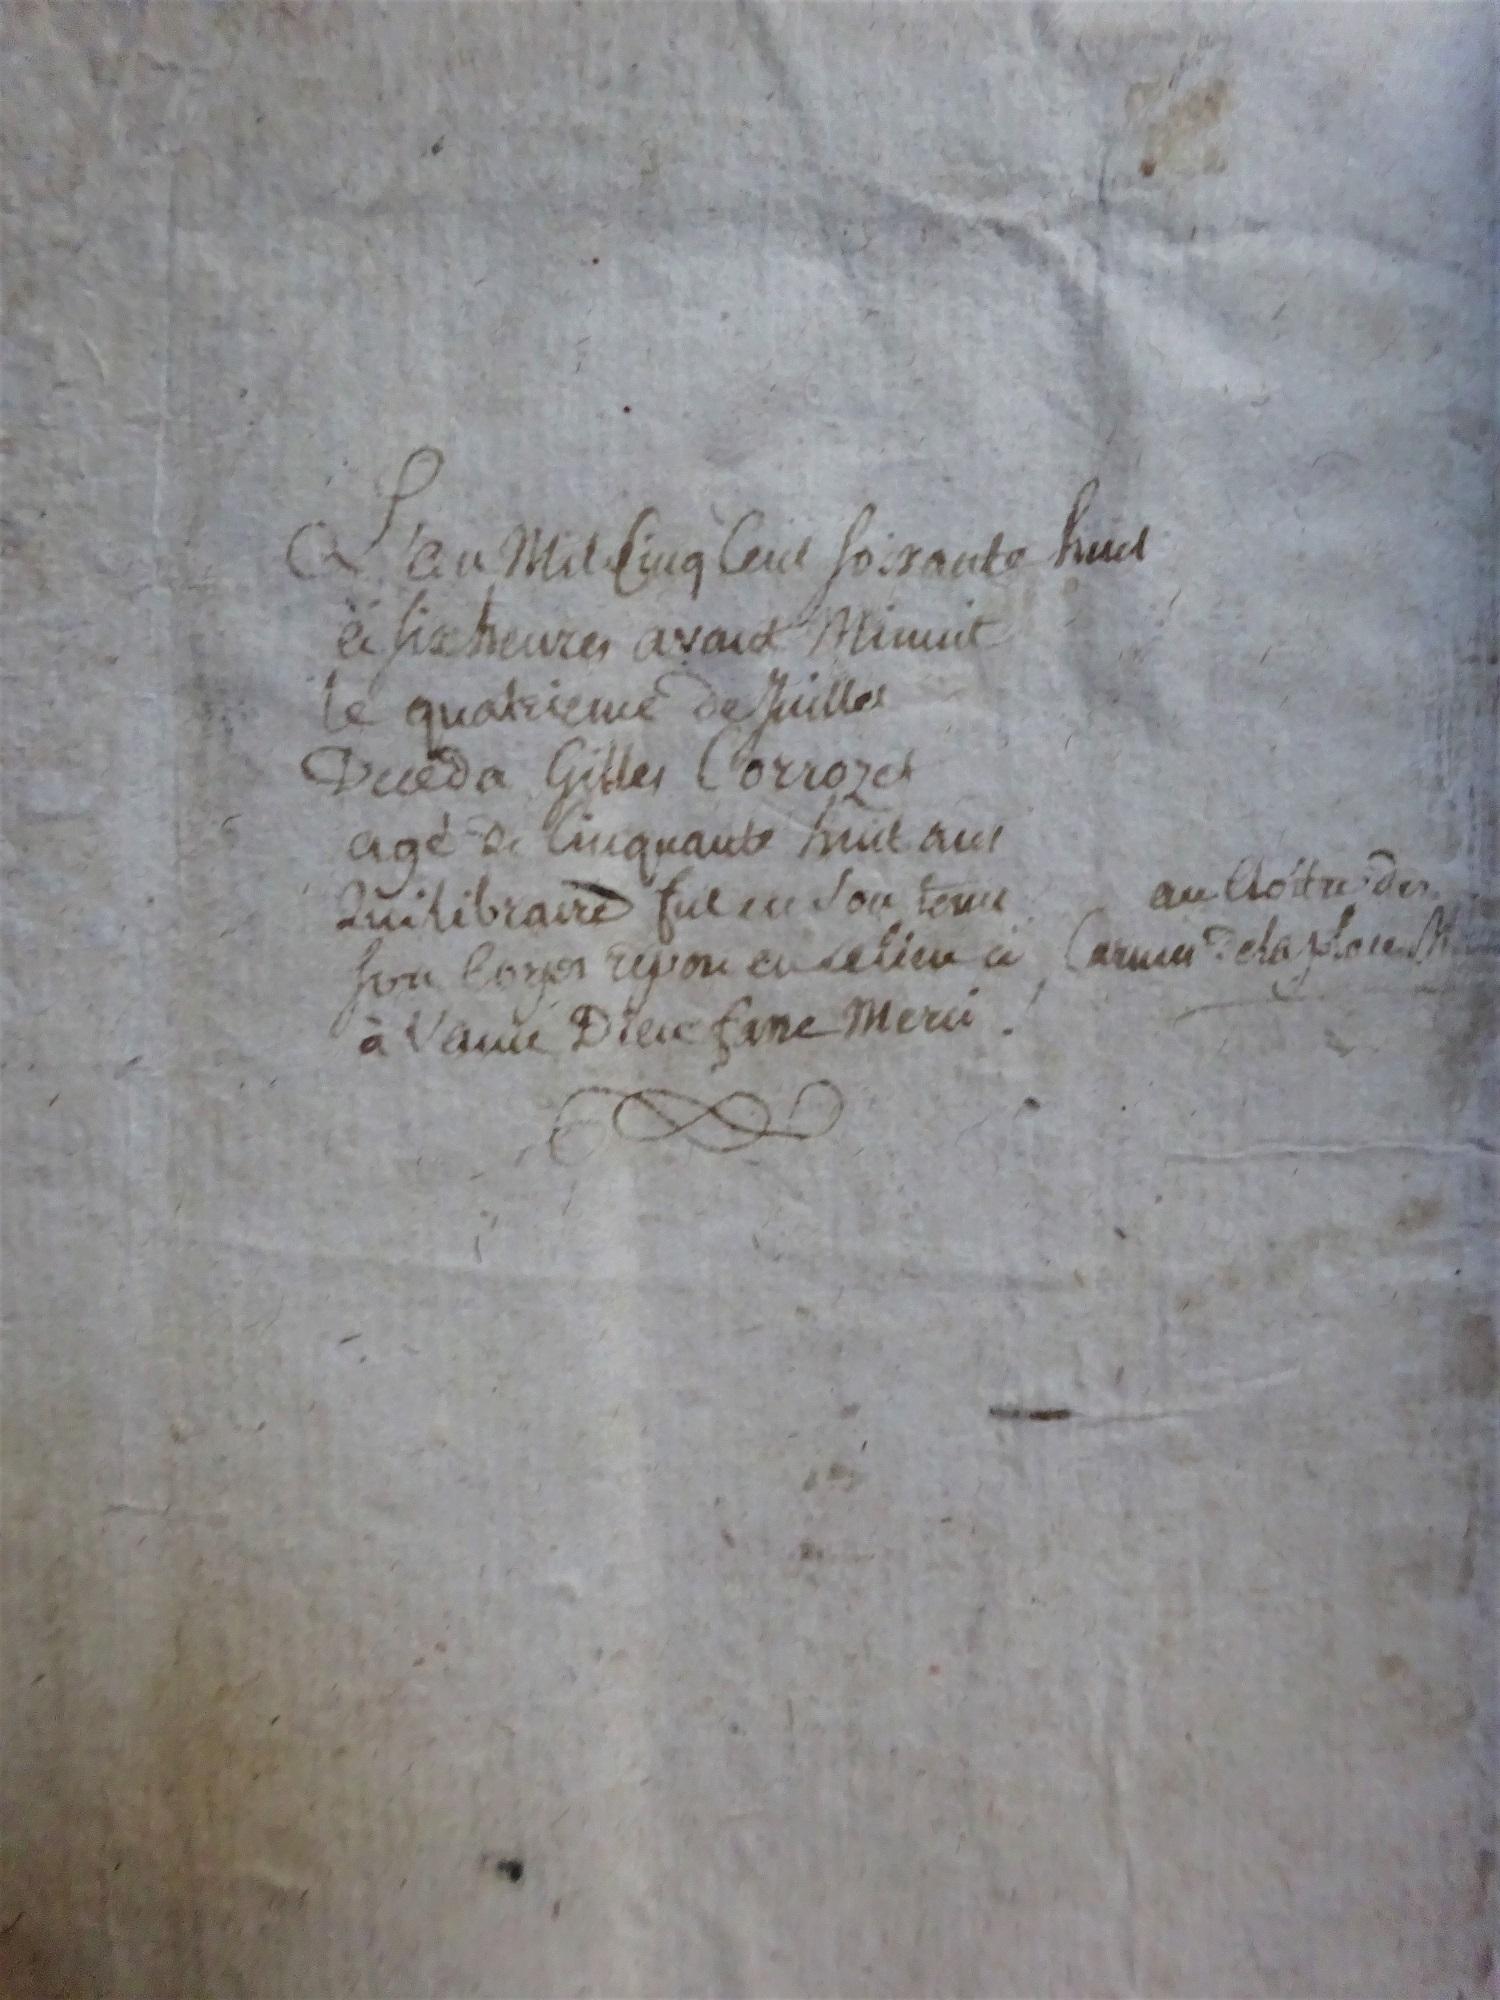 Les Antiquitez croniques et singularitez de Paris. 1586-1588